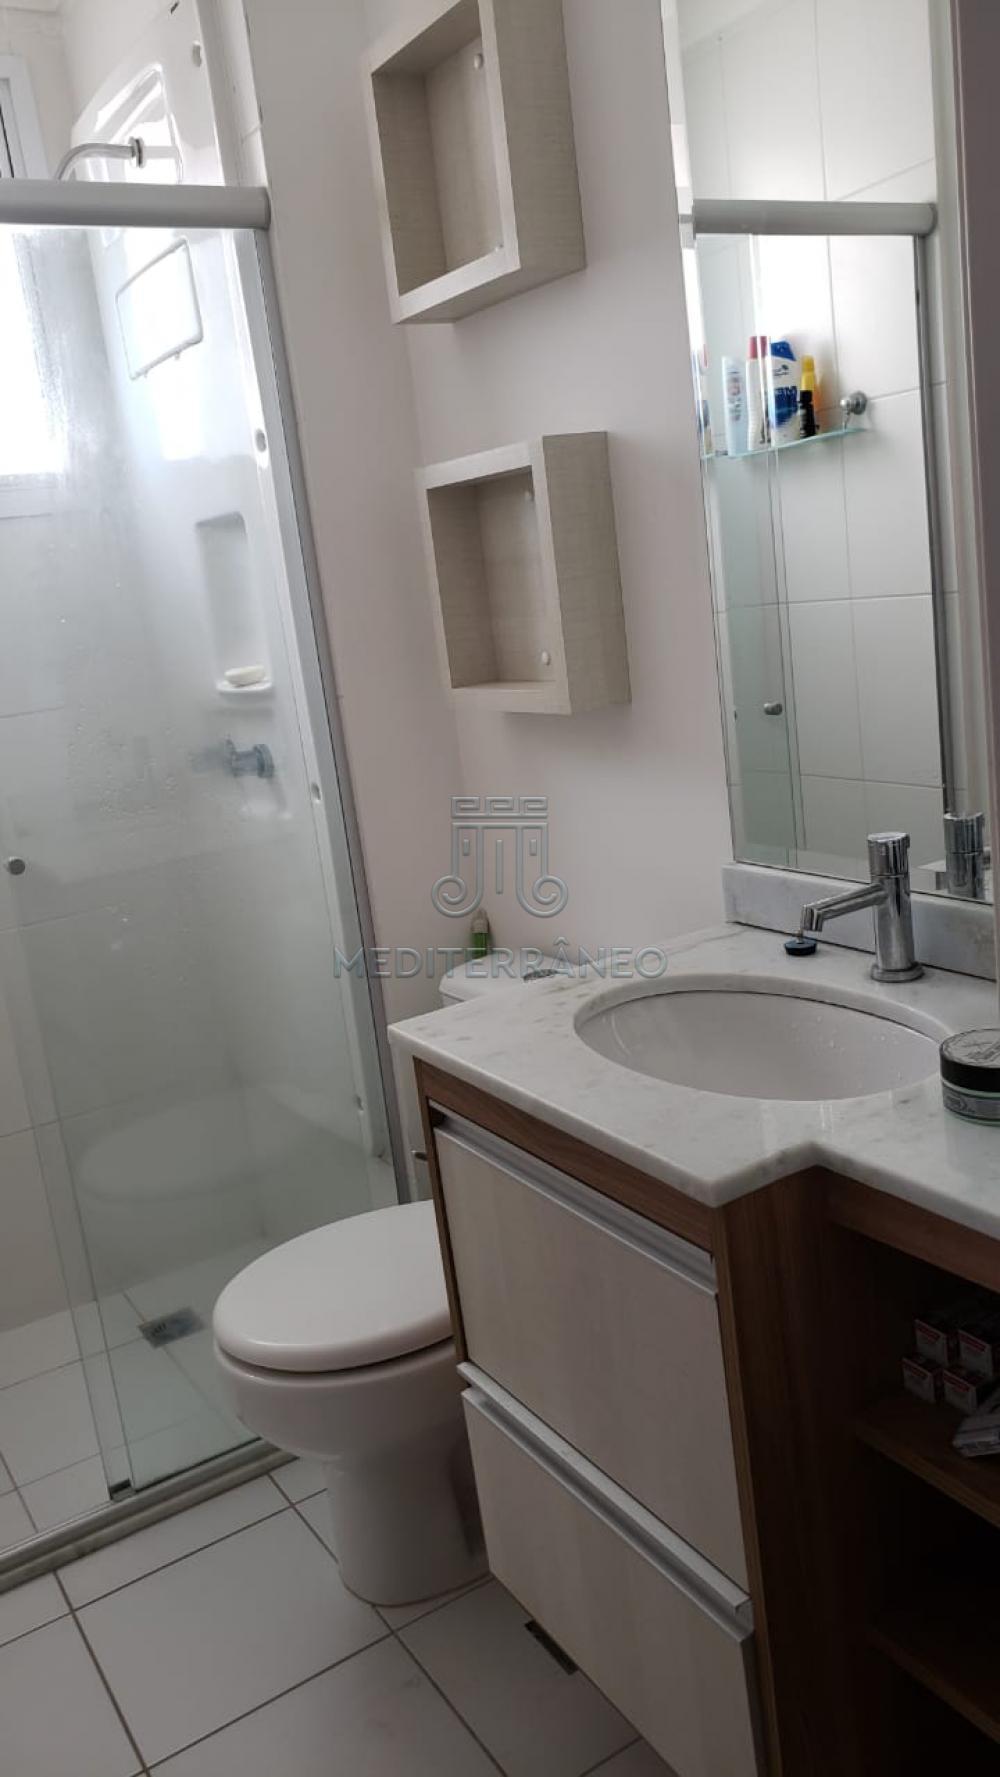 Alugar Apartamento / Padrão em Jundiaí apenas R$ 2.500,00 - Foto 12